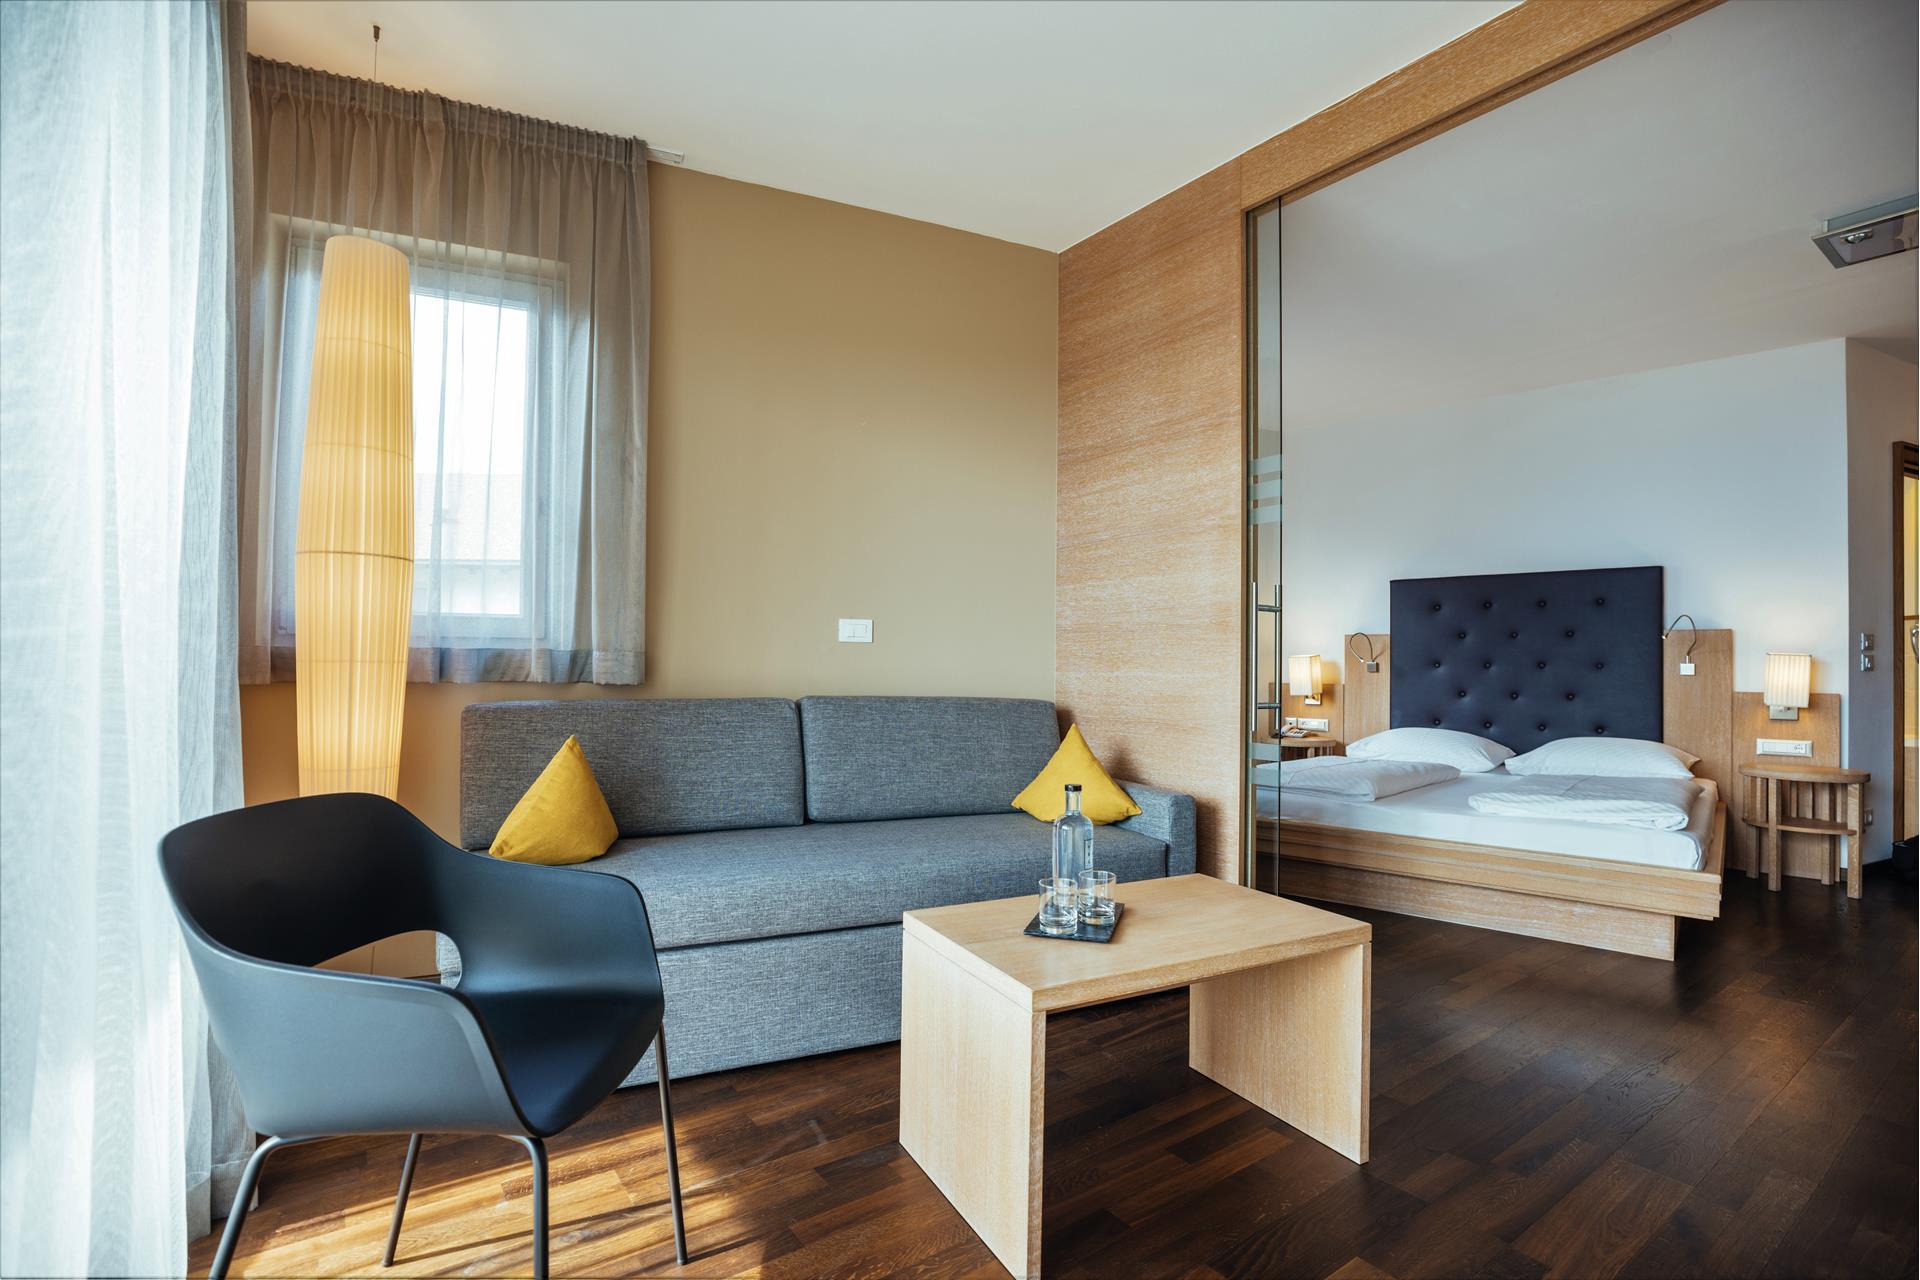 Vasca Da Bagno Per Neonati Prezzi : Camere nel hotel hilburger vacanze indimenticabili a scena merano